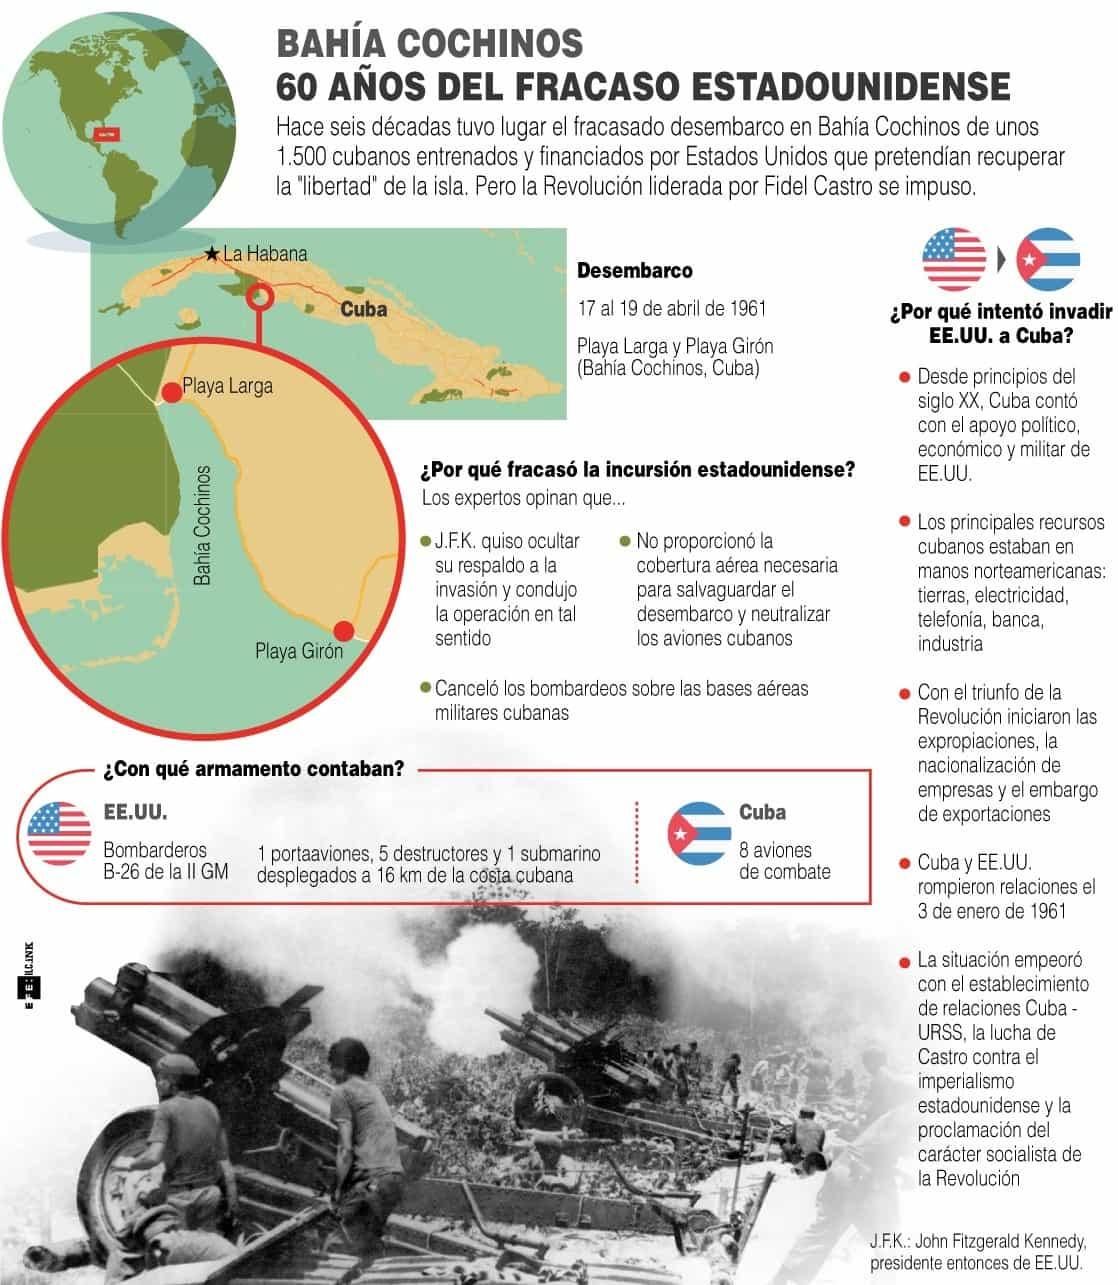 [Infografía] - Bahía cochinos: 60 años del fracaso estadounidense 1